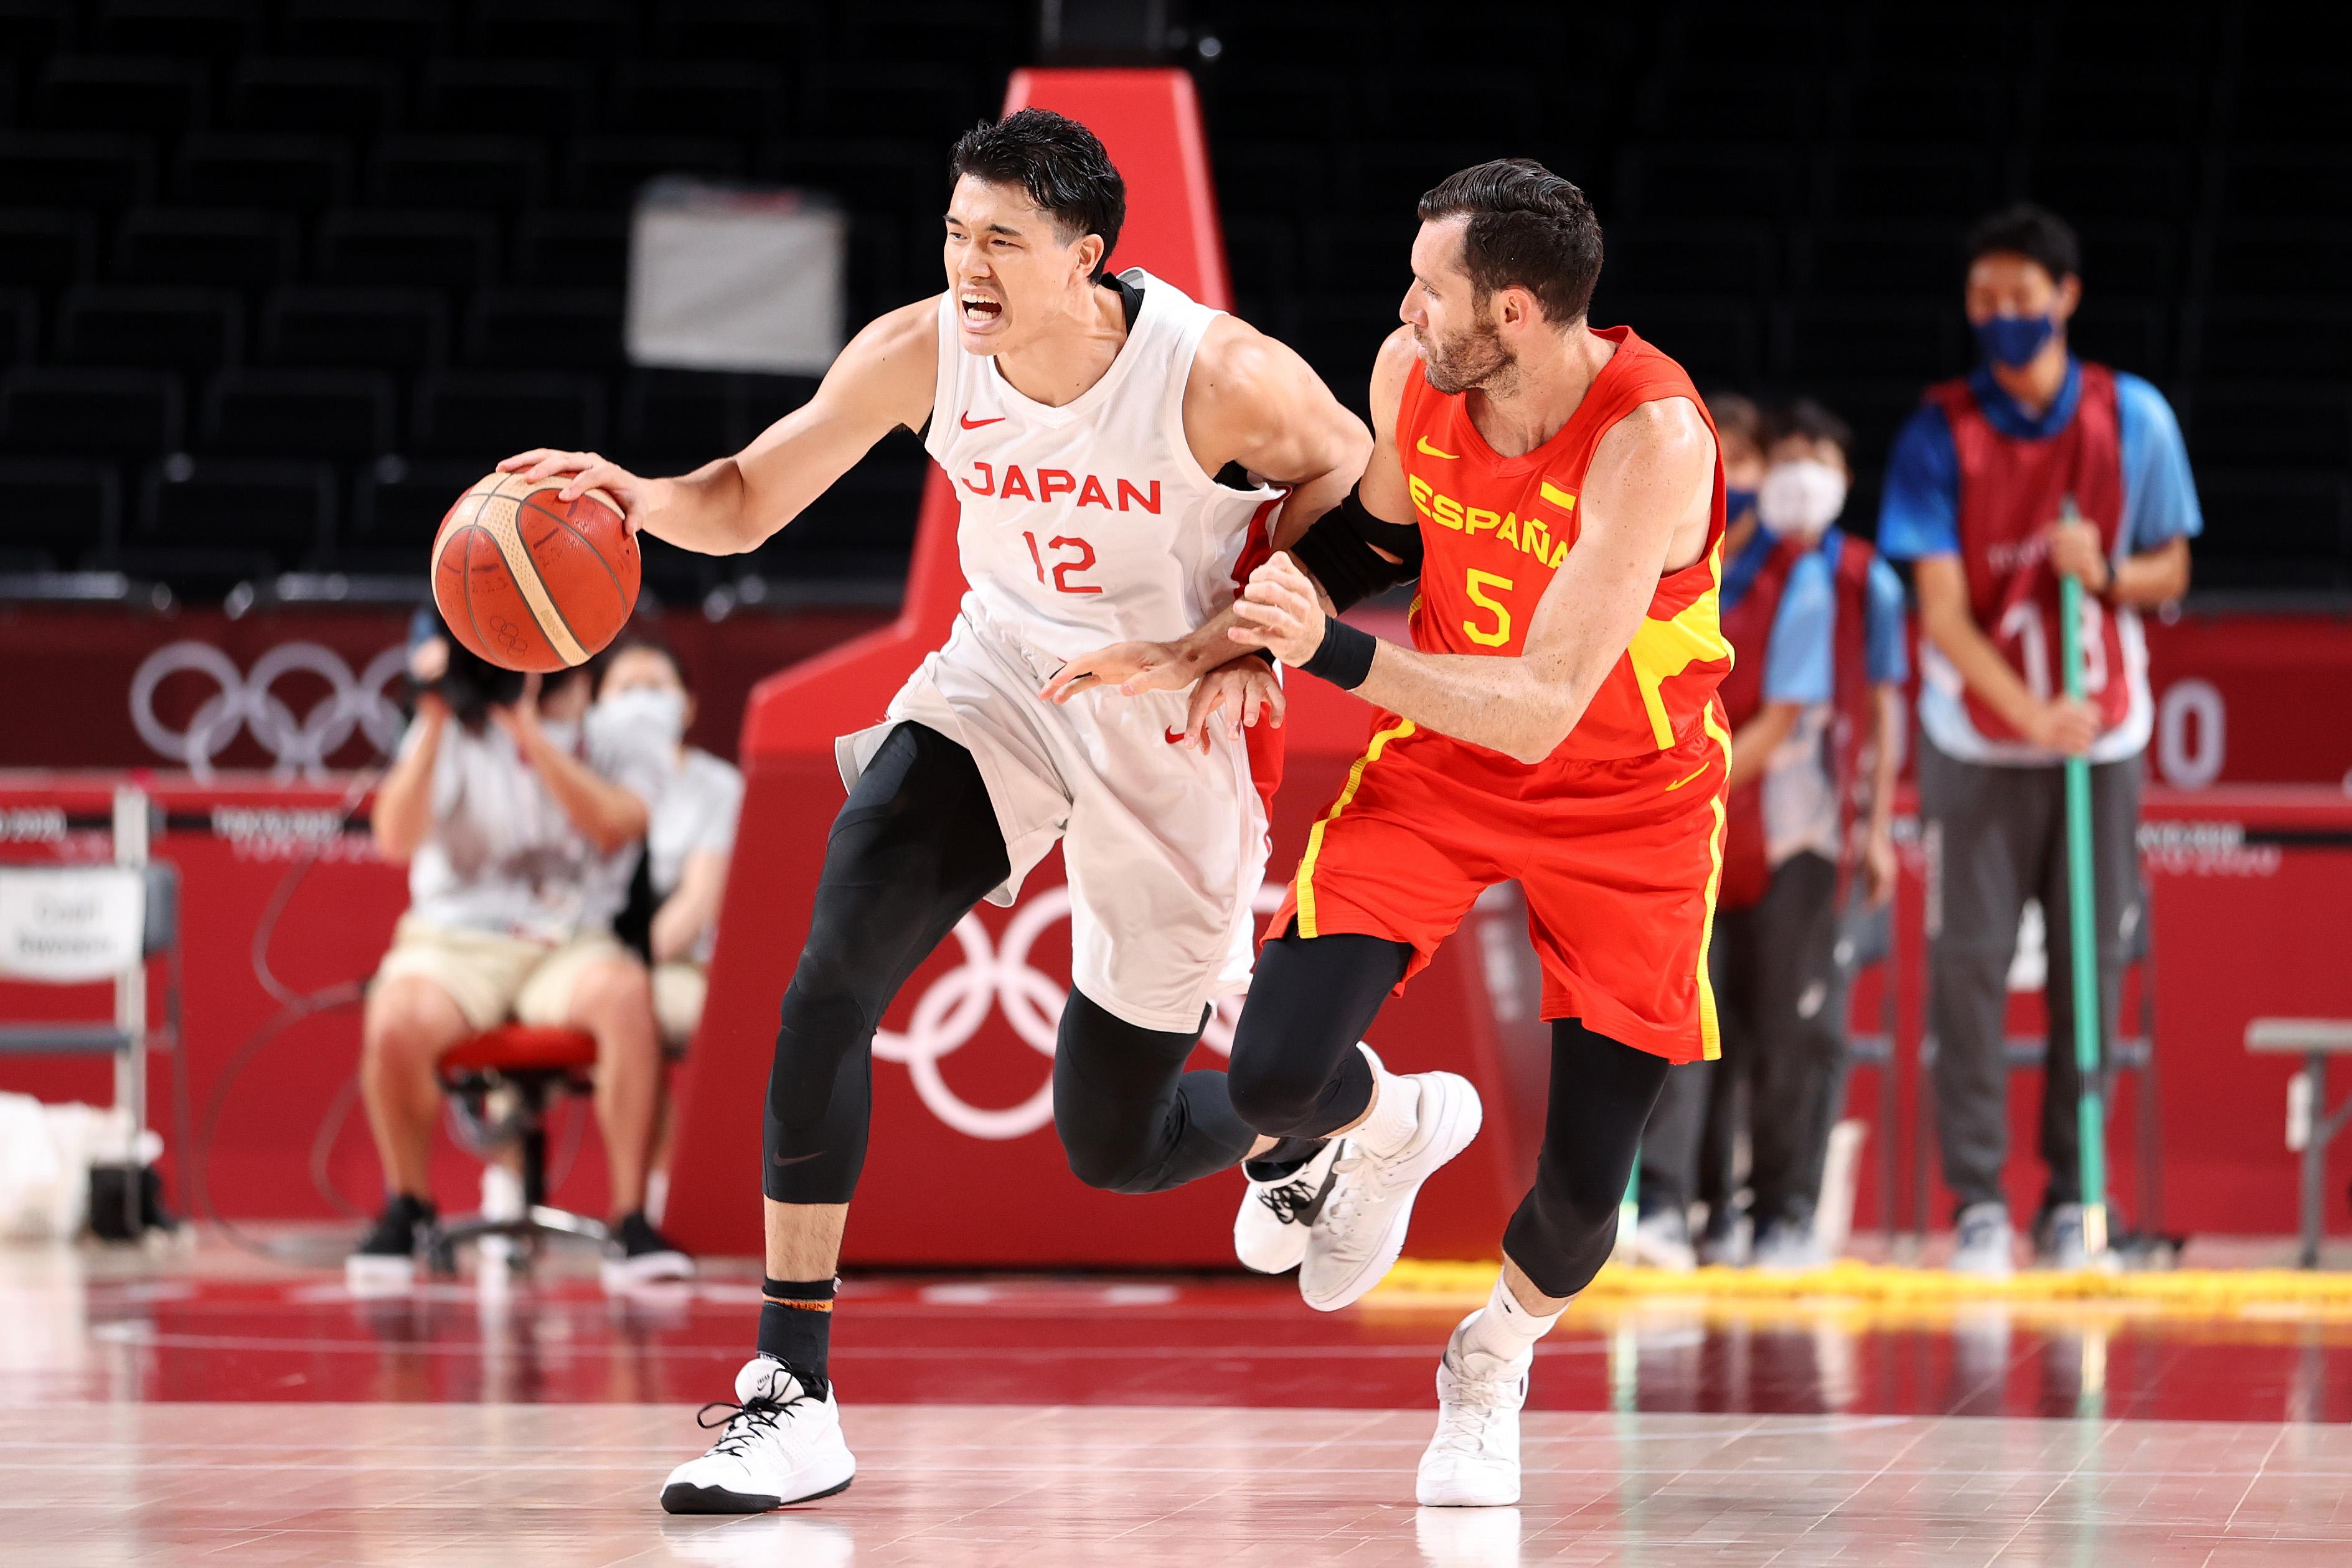 Japan v Spain Men's Basketball - Olympics: Day 3